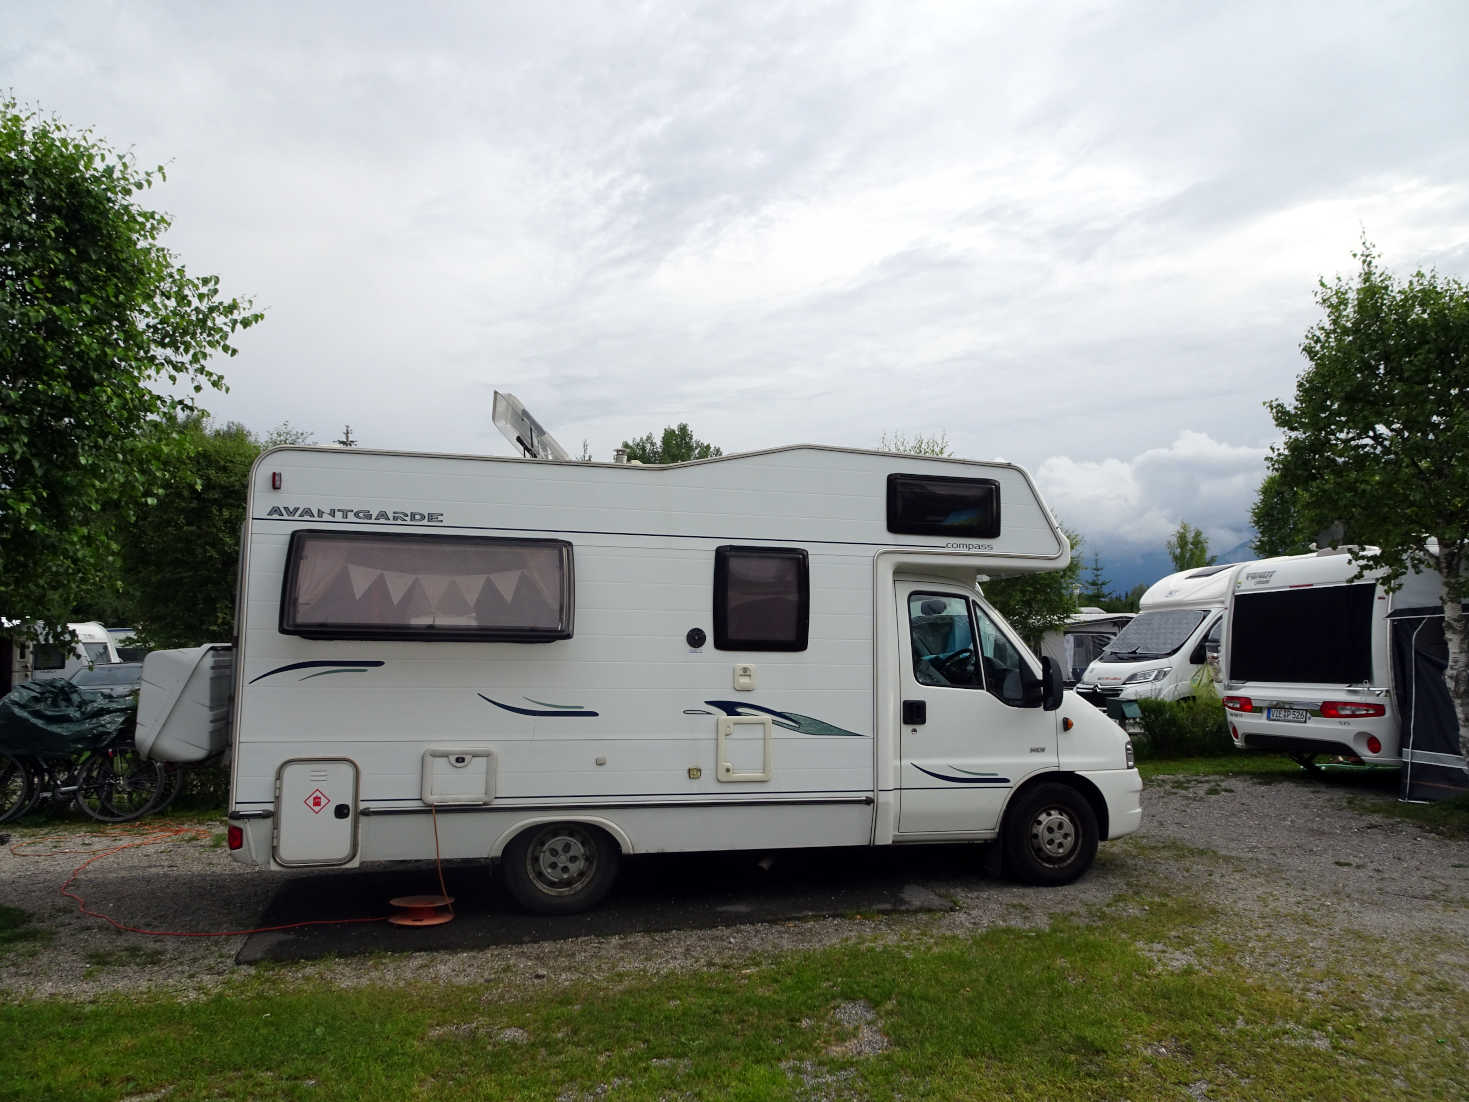 betsy at camping hopfensee bavaria